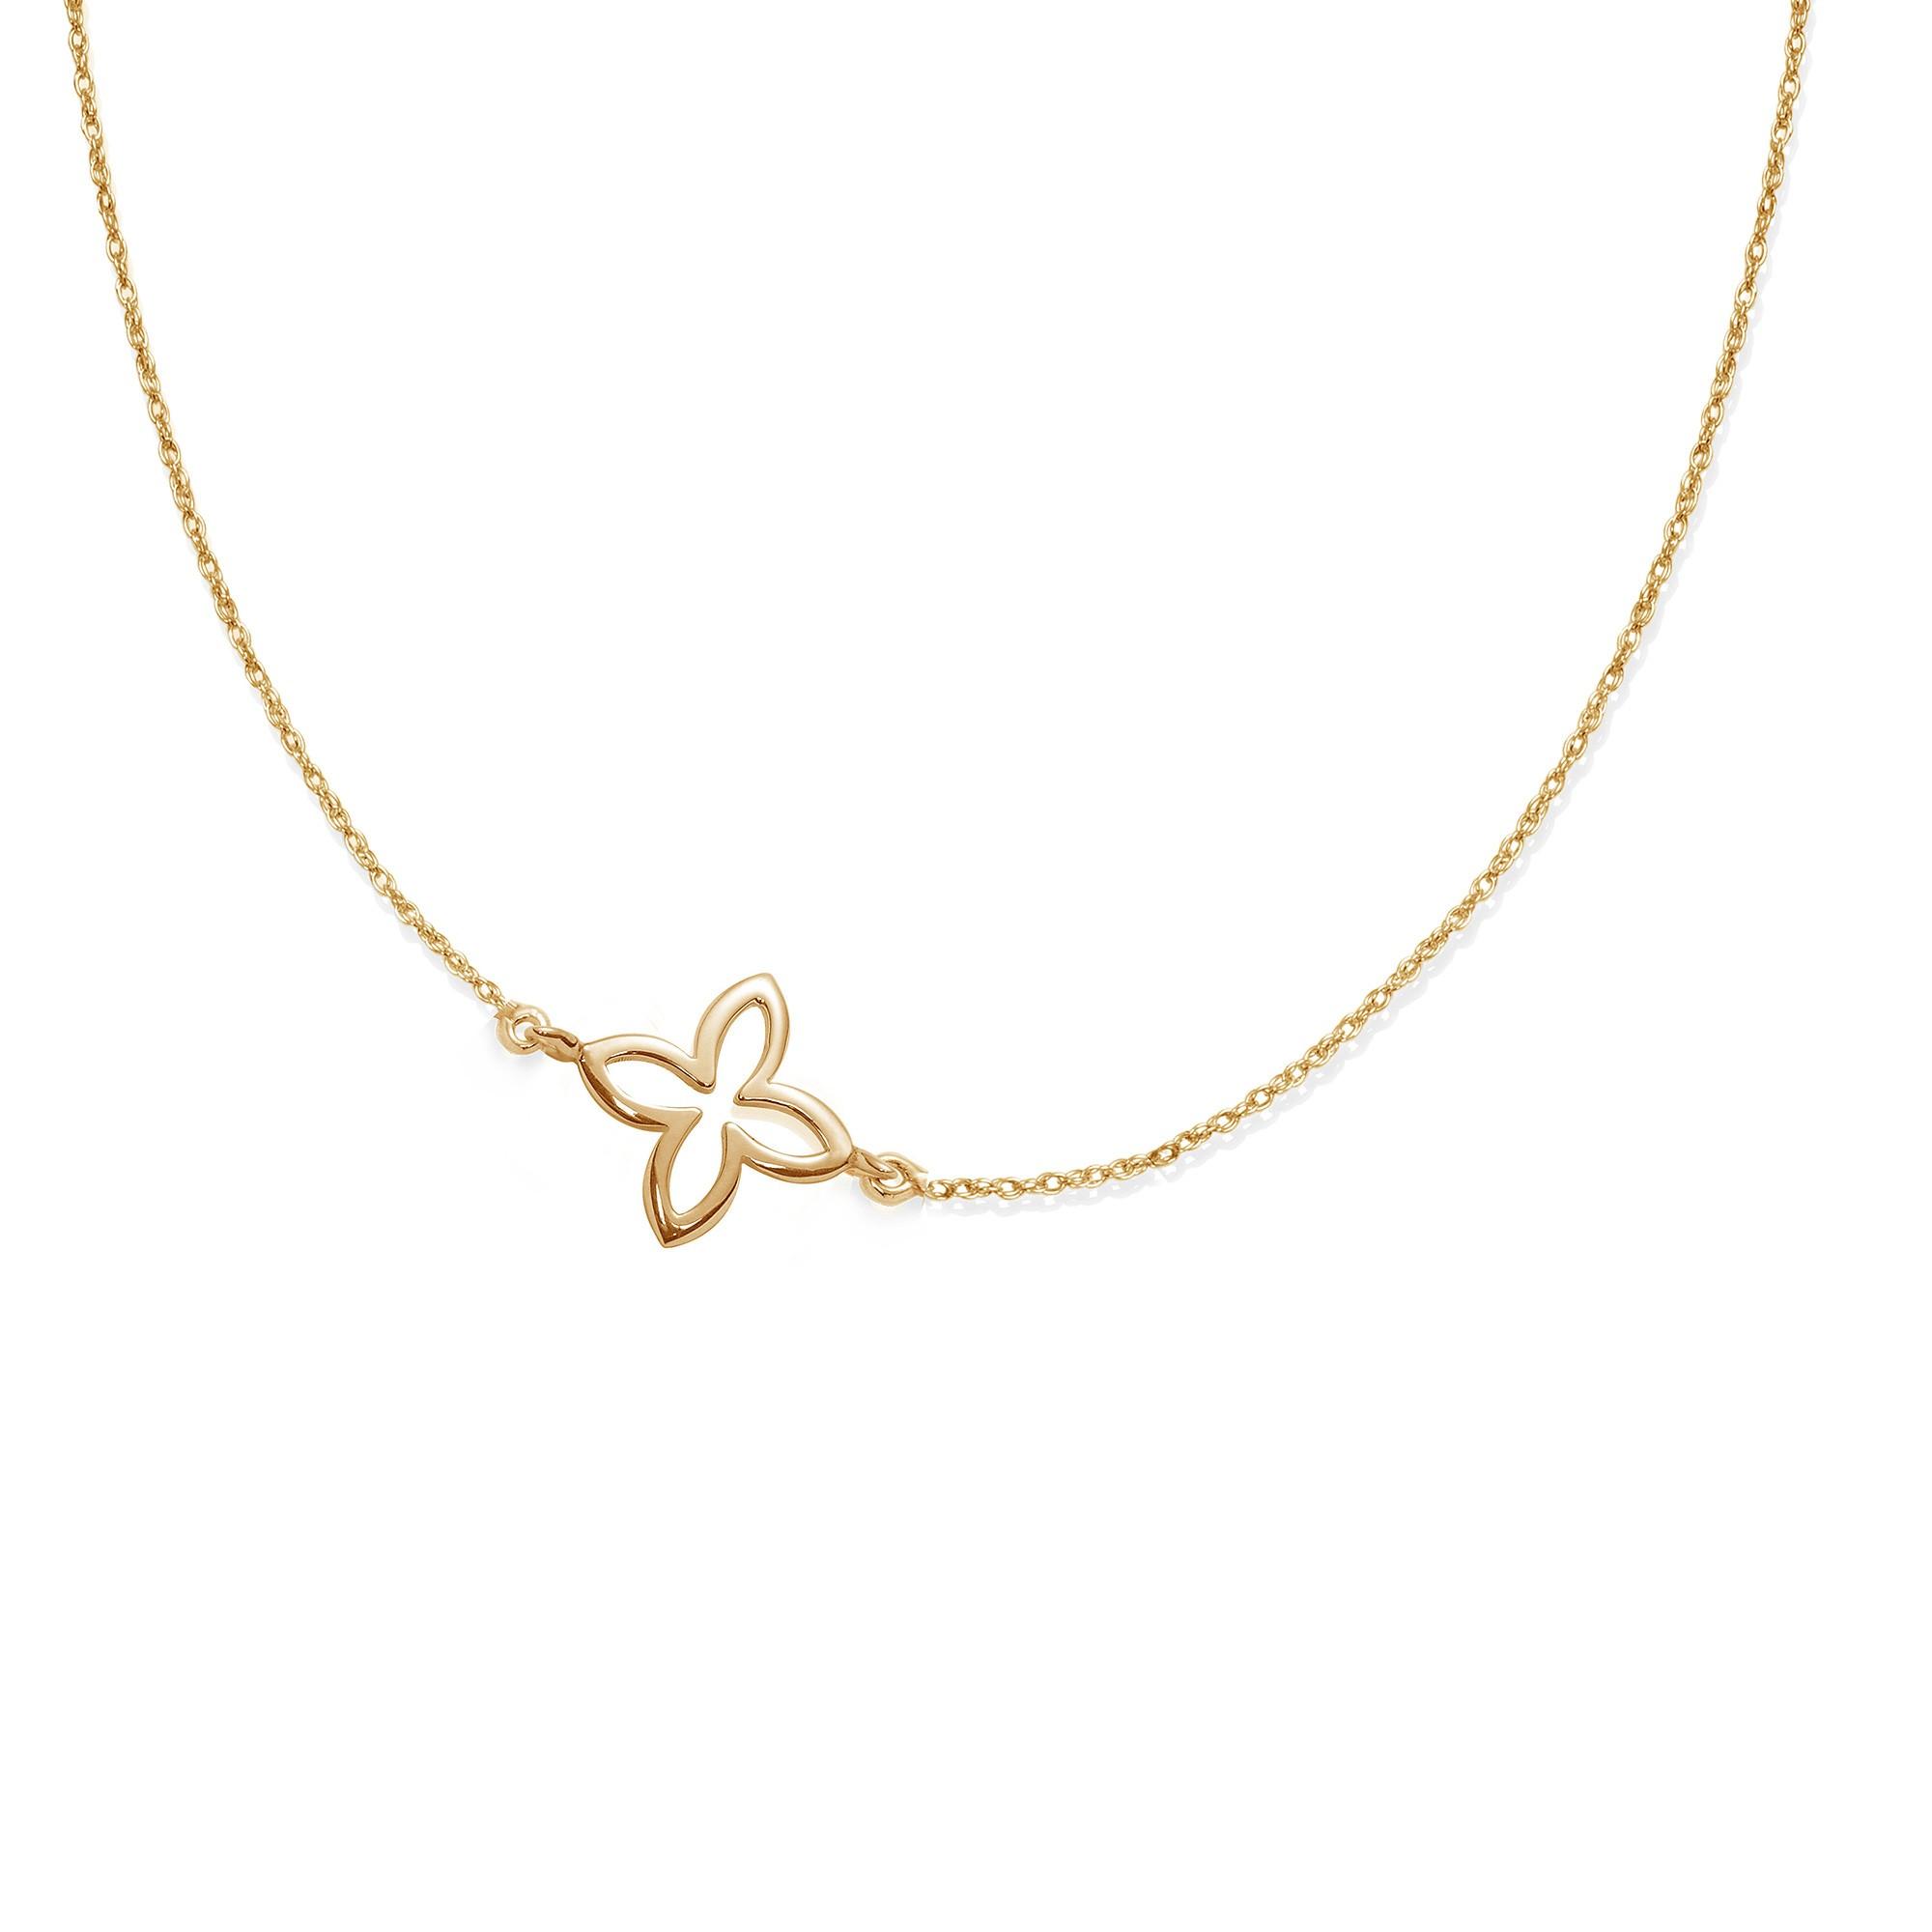 Collier chaîne avec une fleur de lys ajourée plaquée or